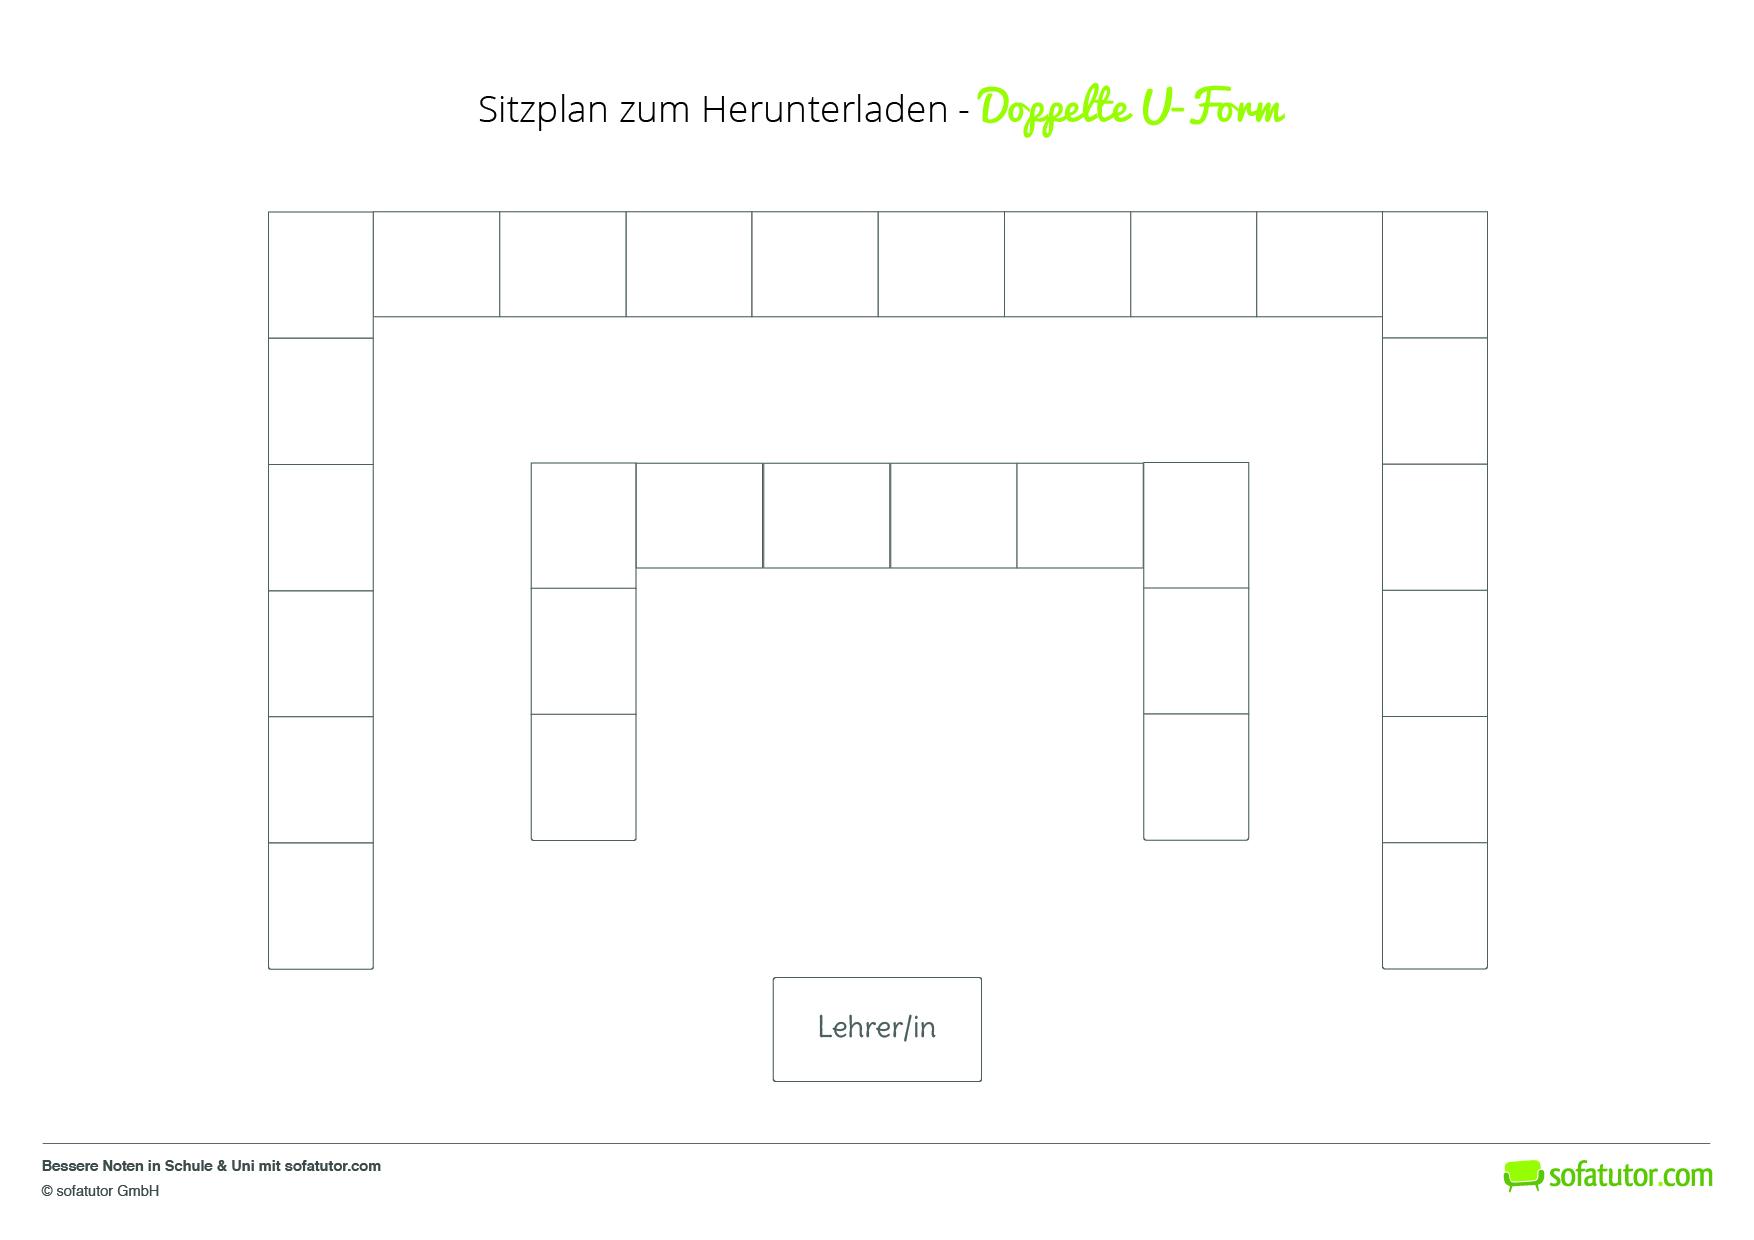 Ausgezeichnet Rezeption Sitzplan Vorlage Fotos ...